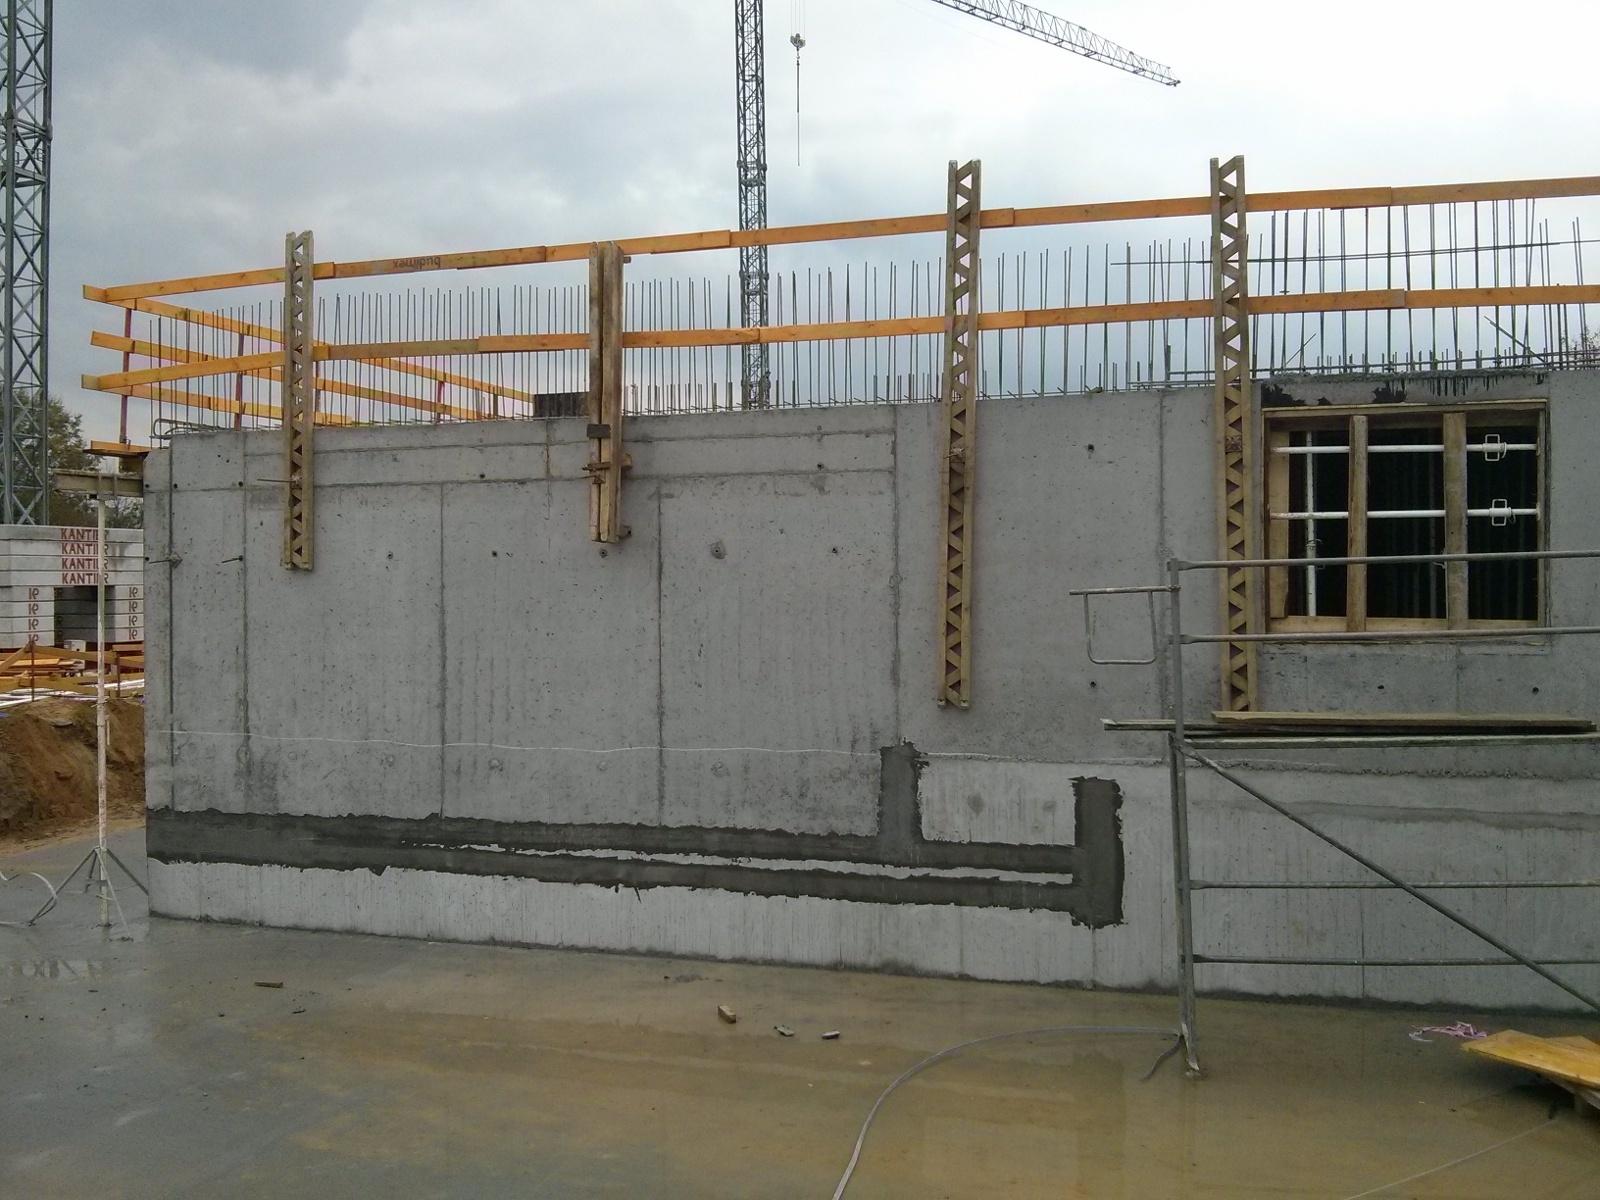 Budowa bliku przez Budimex w krakowskich Czyżynach